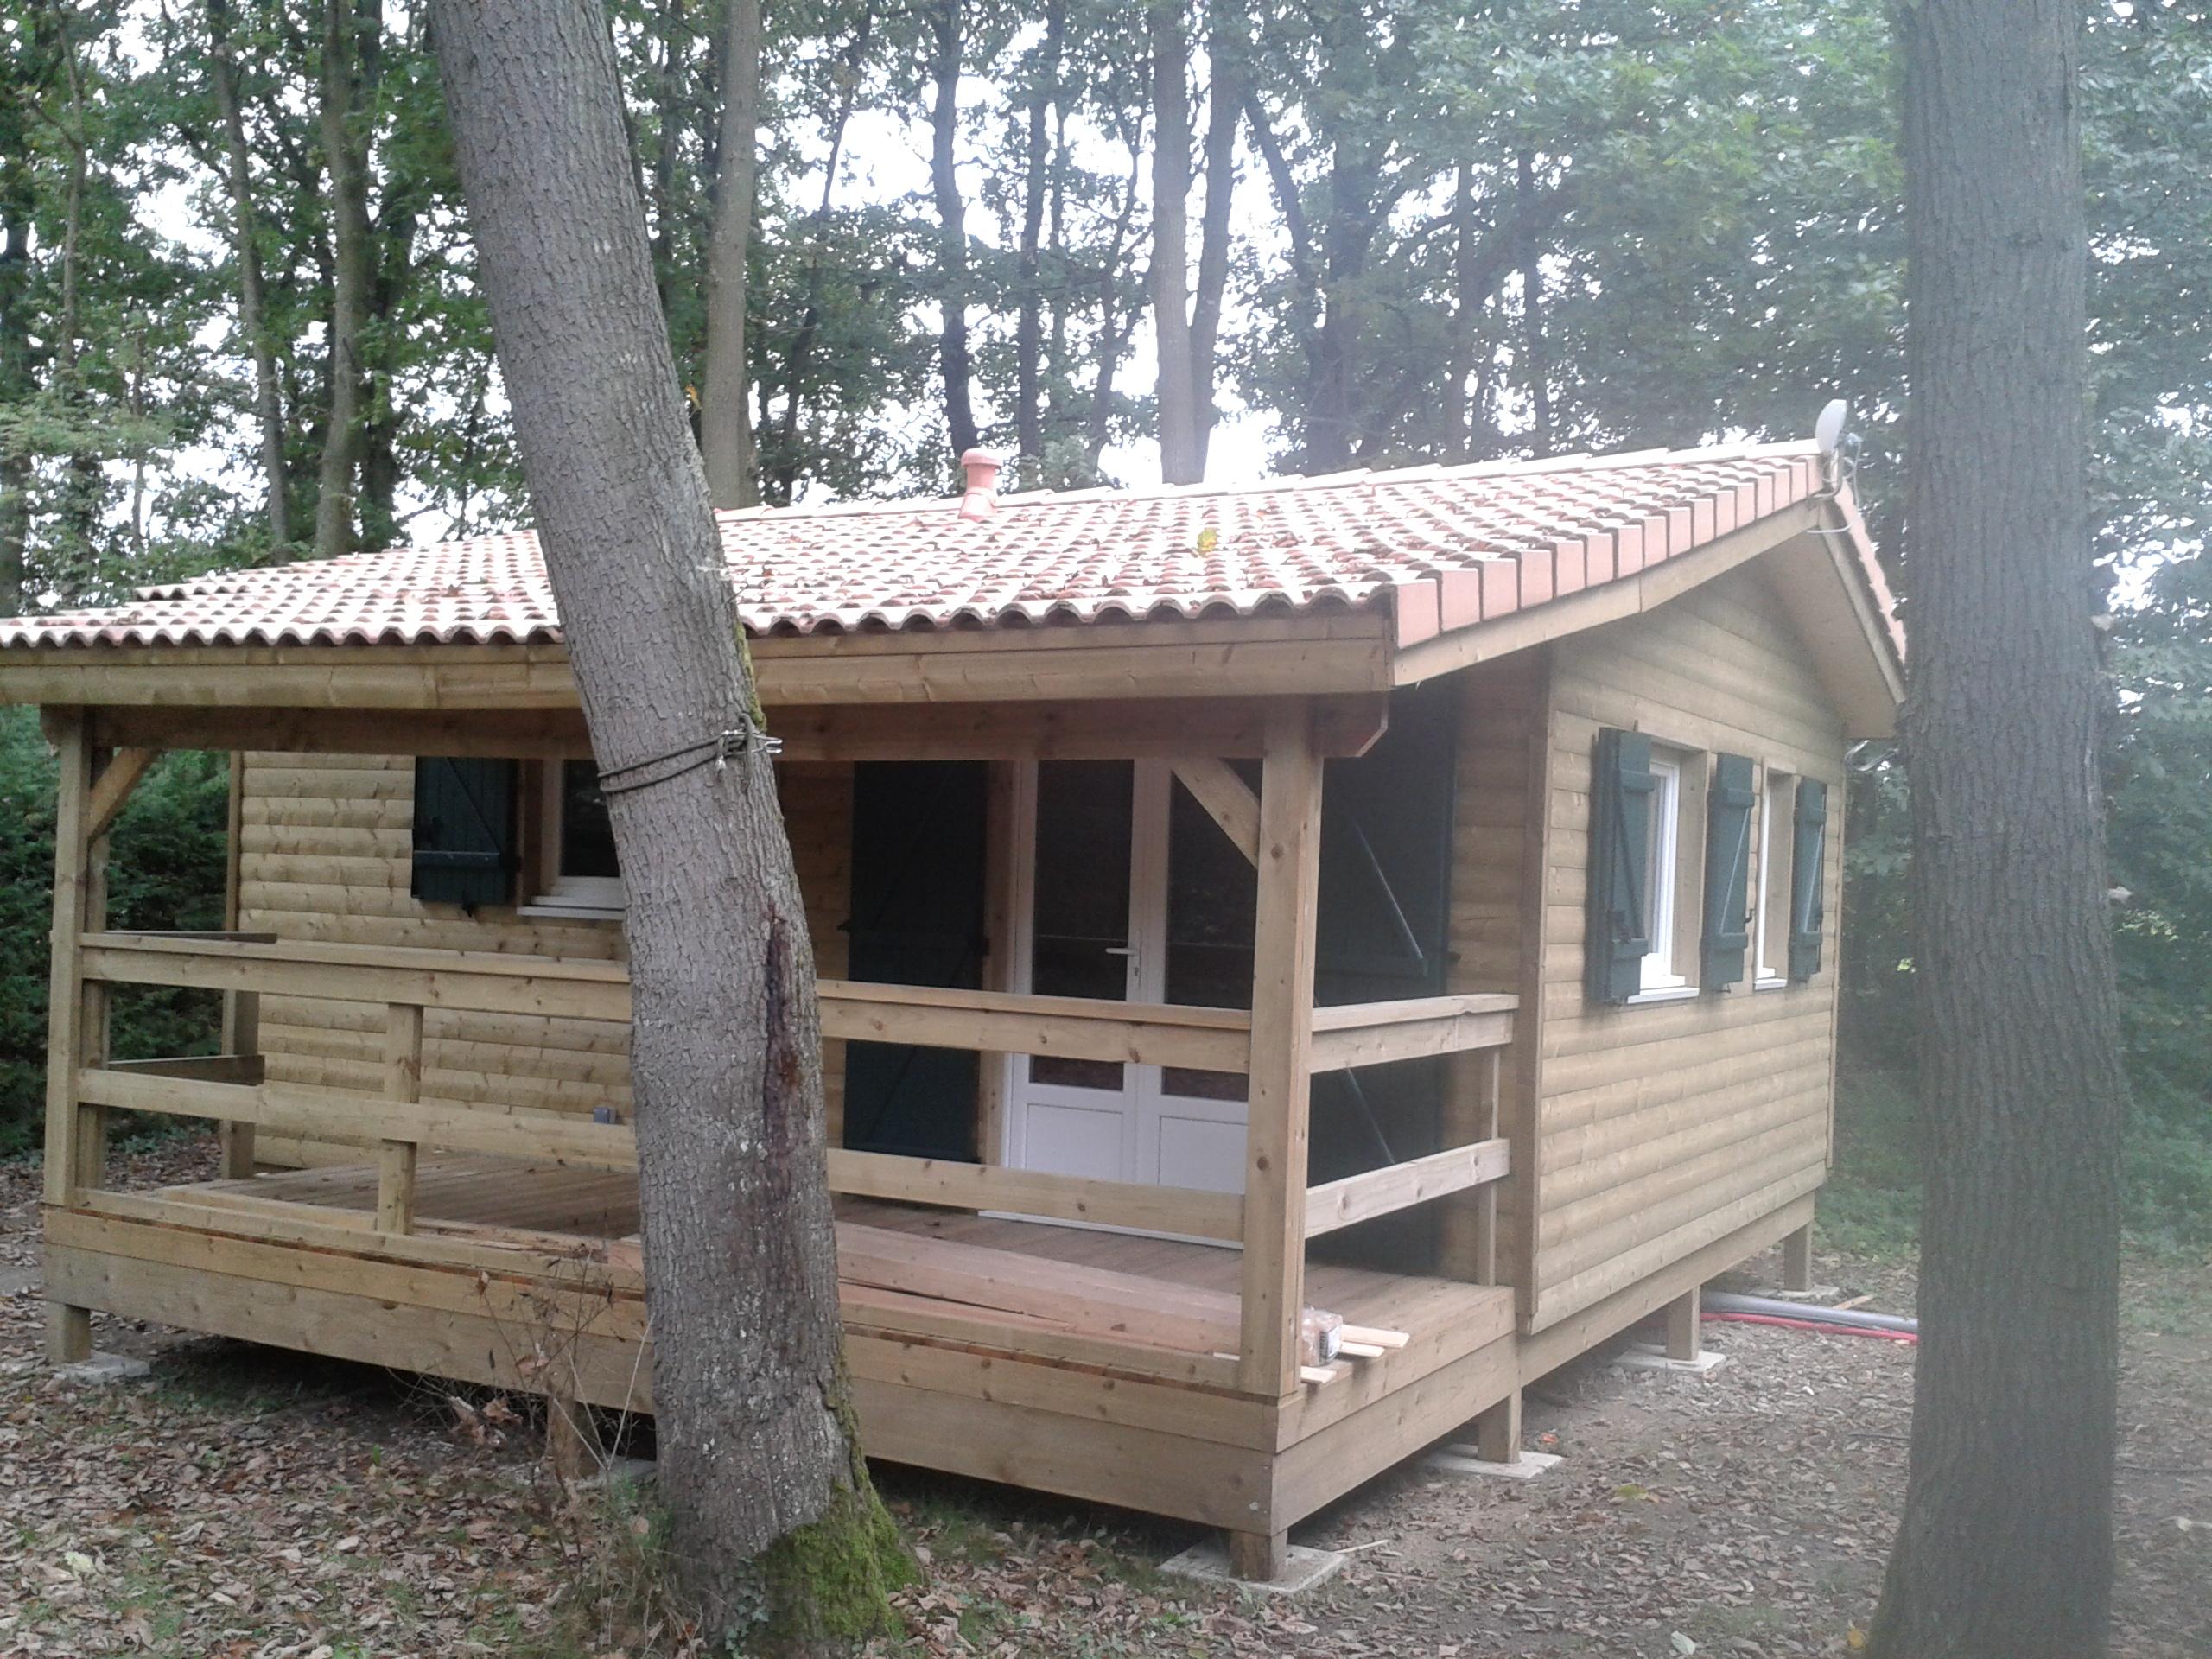 chalet de loisir hll boiseco construction maisons a ossature bois. Black Bedroom Furniture Sets. Home Design Ideas